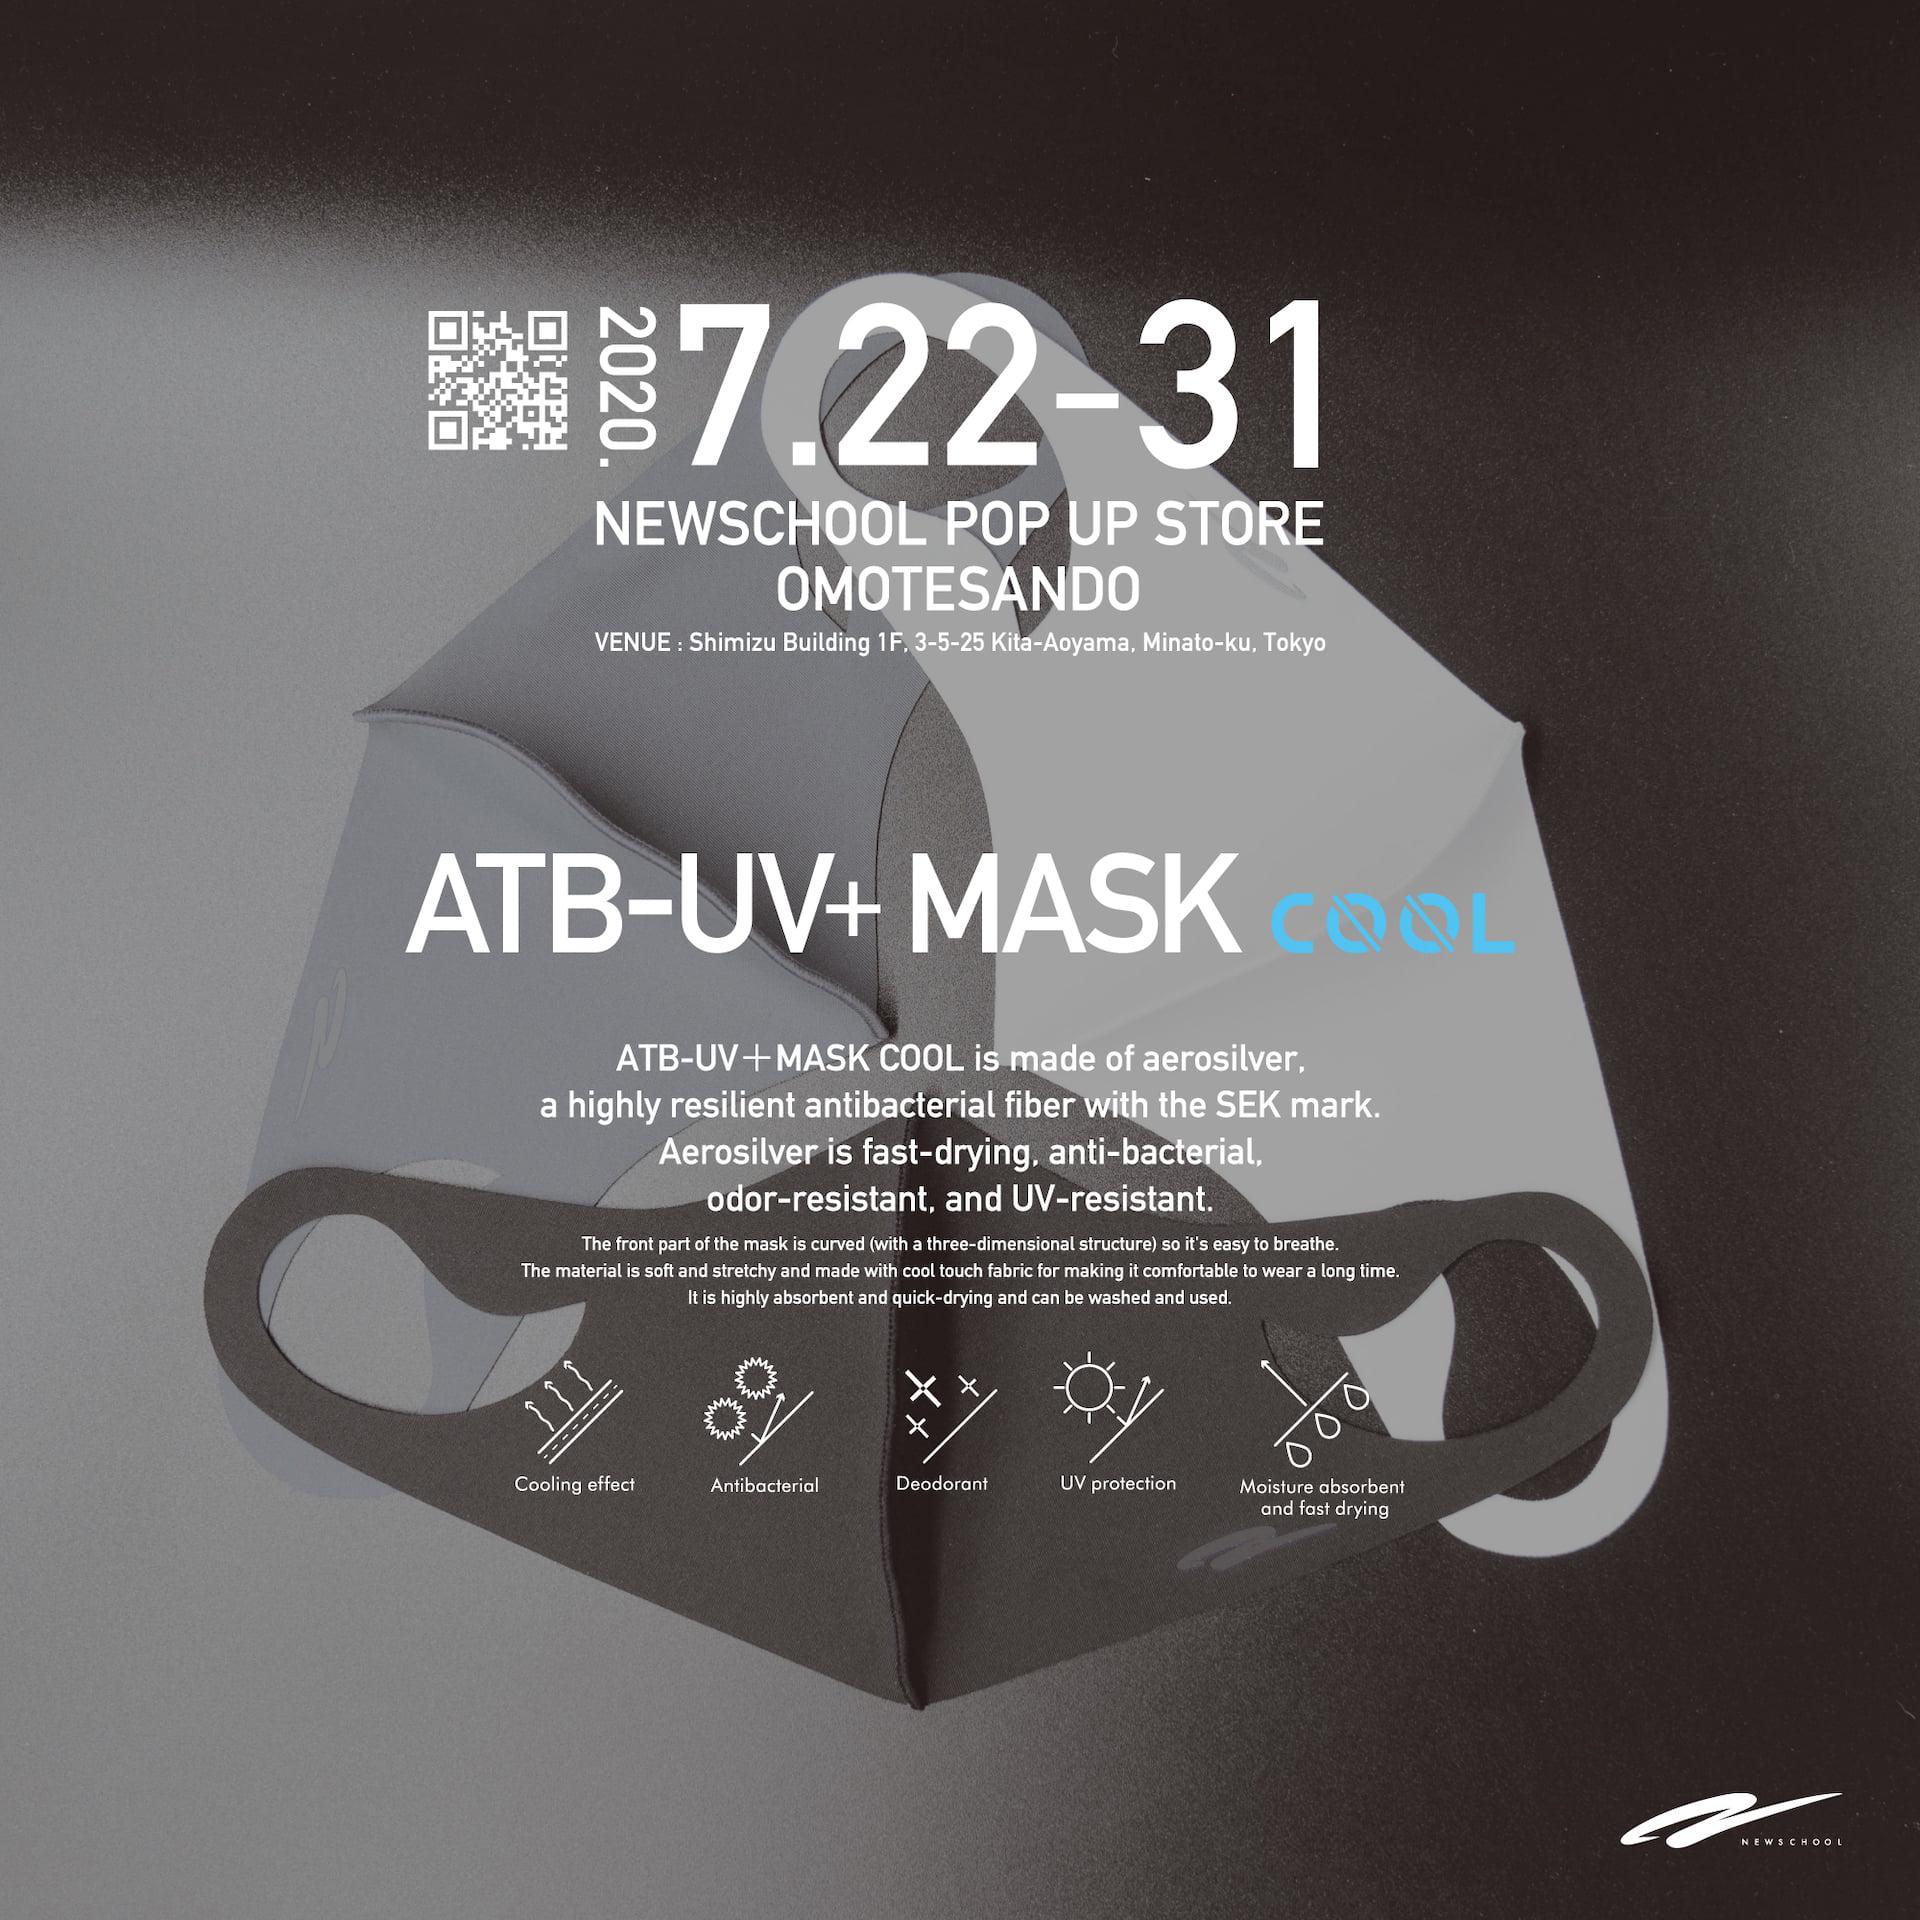 夏用の冷感抗菌UVマスク『ATB-UV+MASK COOL』がNEWSCHOOLにて発売|表参道のポップアップストアは明日スタート lf200721_newschool-mask_1-1920x1920